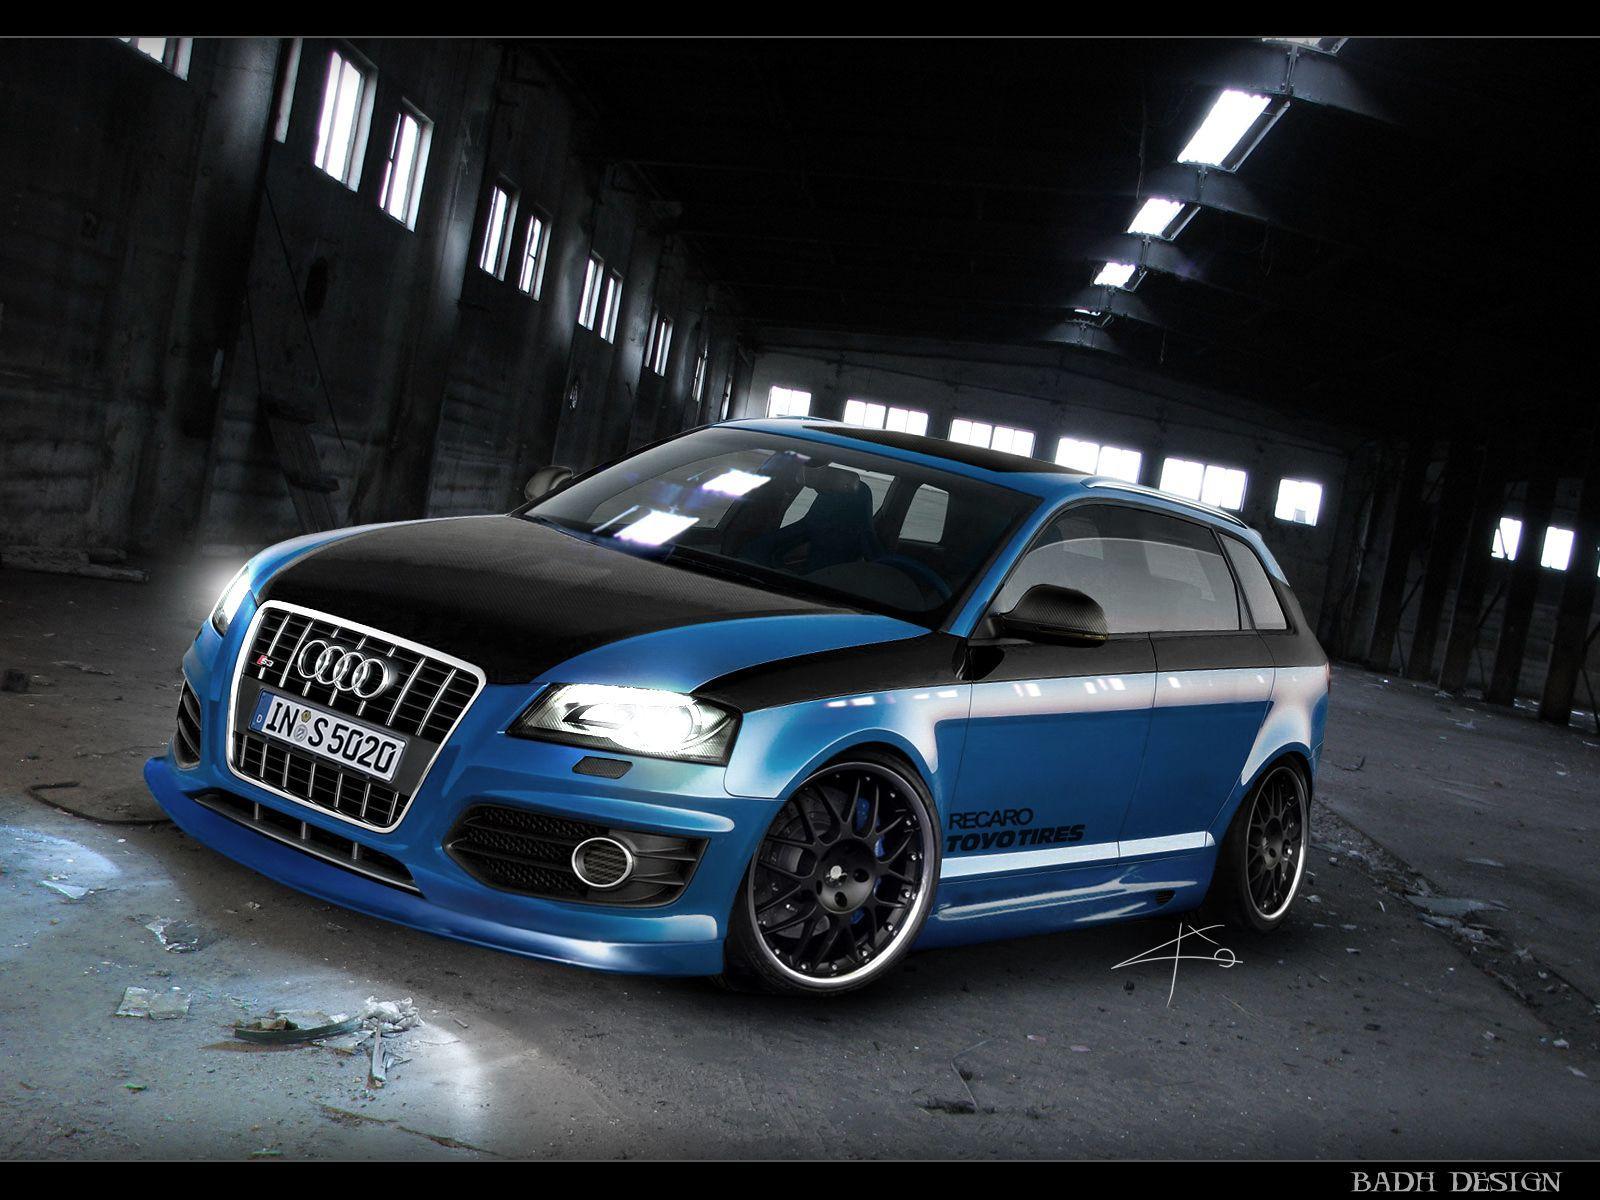 Audi Rs3 Wallpaper Hd Audi S3 Wallpapers Wallpaper Cave